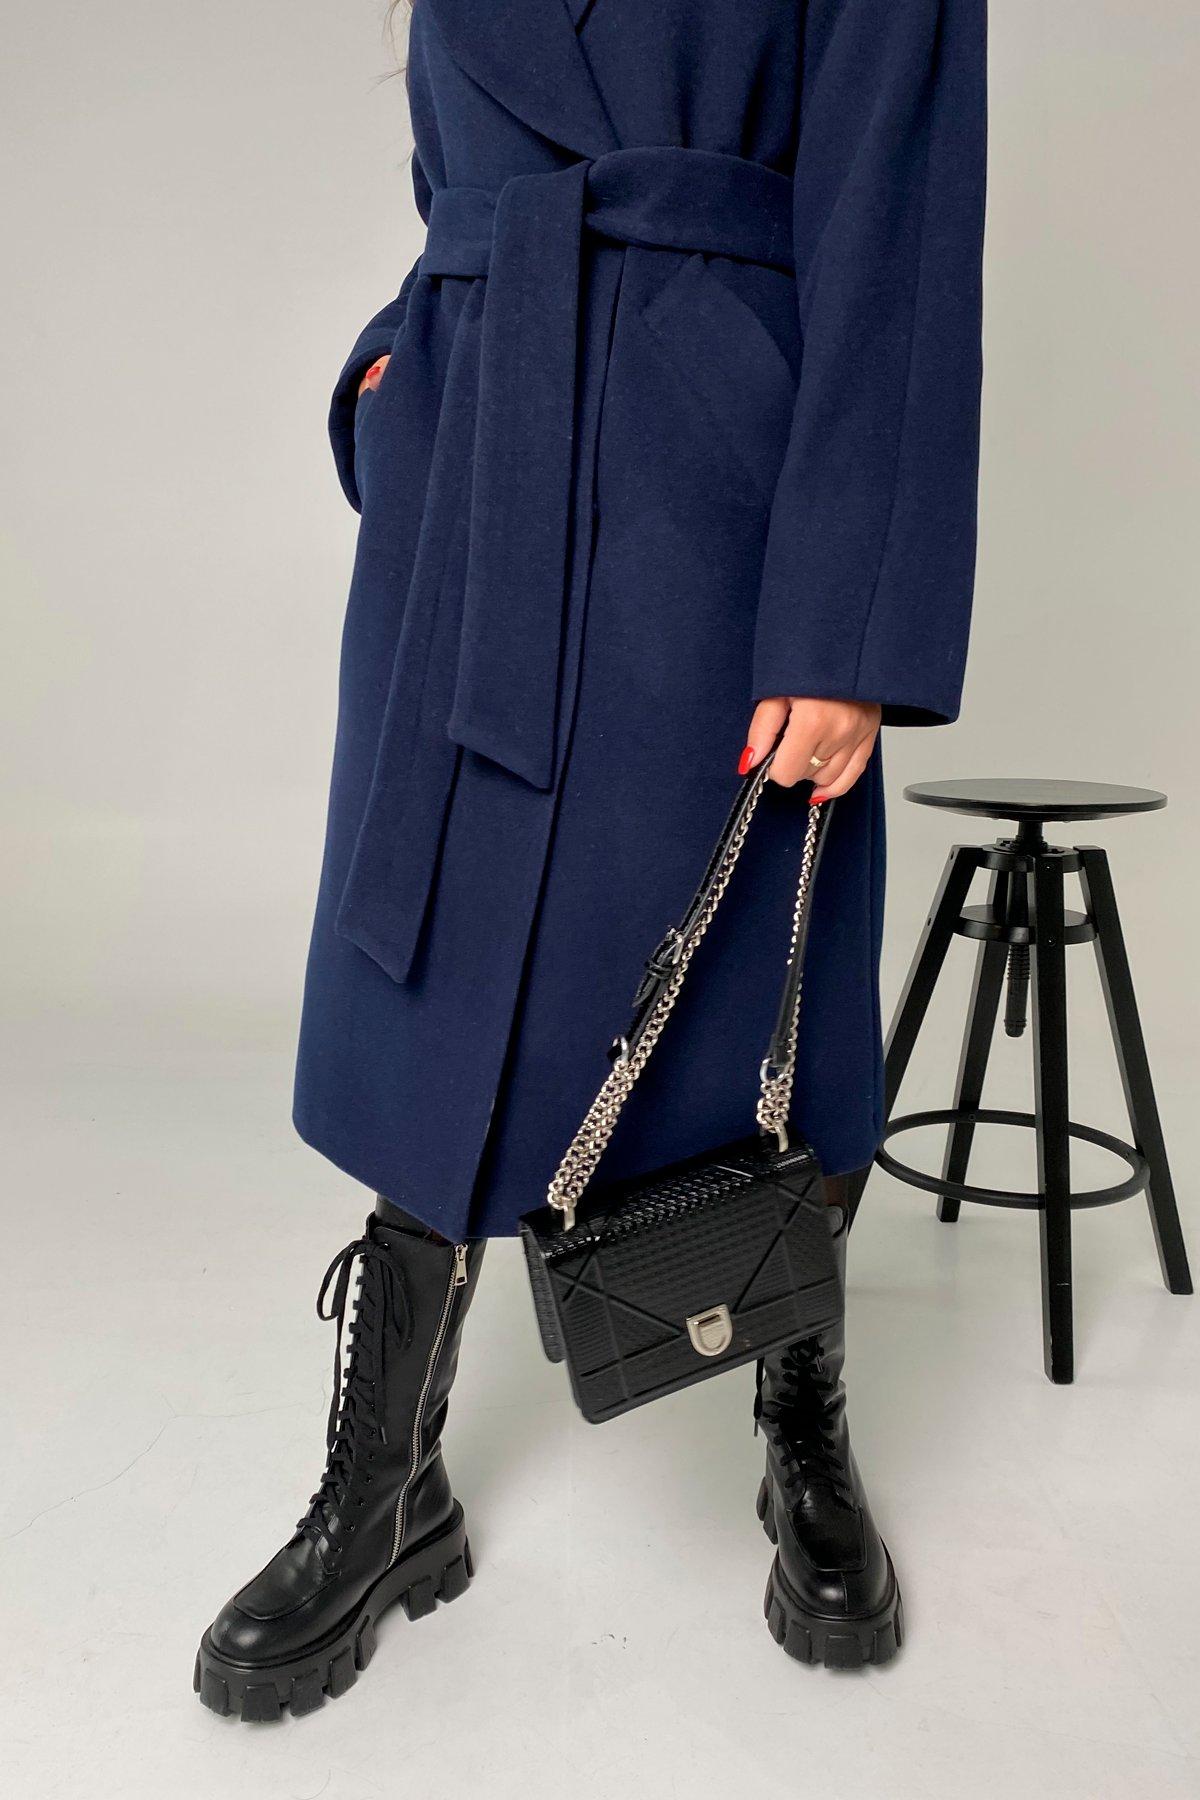 Влада памела пальто из кашемира 9962 АРТ. 46504 Цвет: Т.синий - фото 4, интернет магазин tm-modus.ru